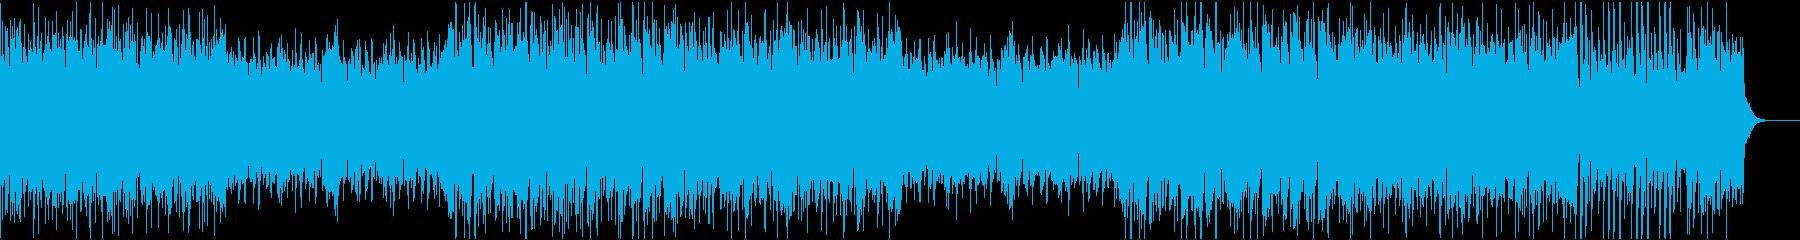 ダーク琴エレクトロ/静かめの再生済みの波形